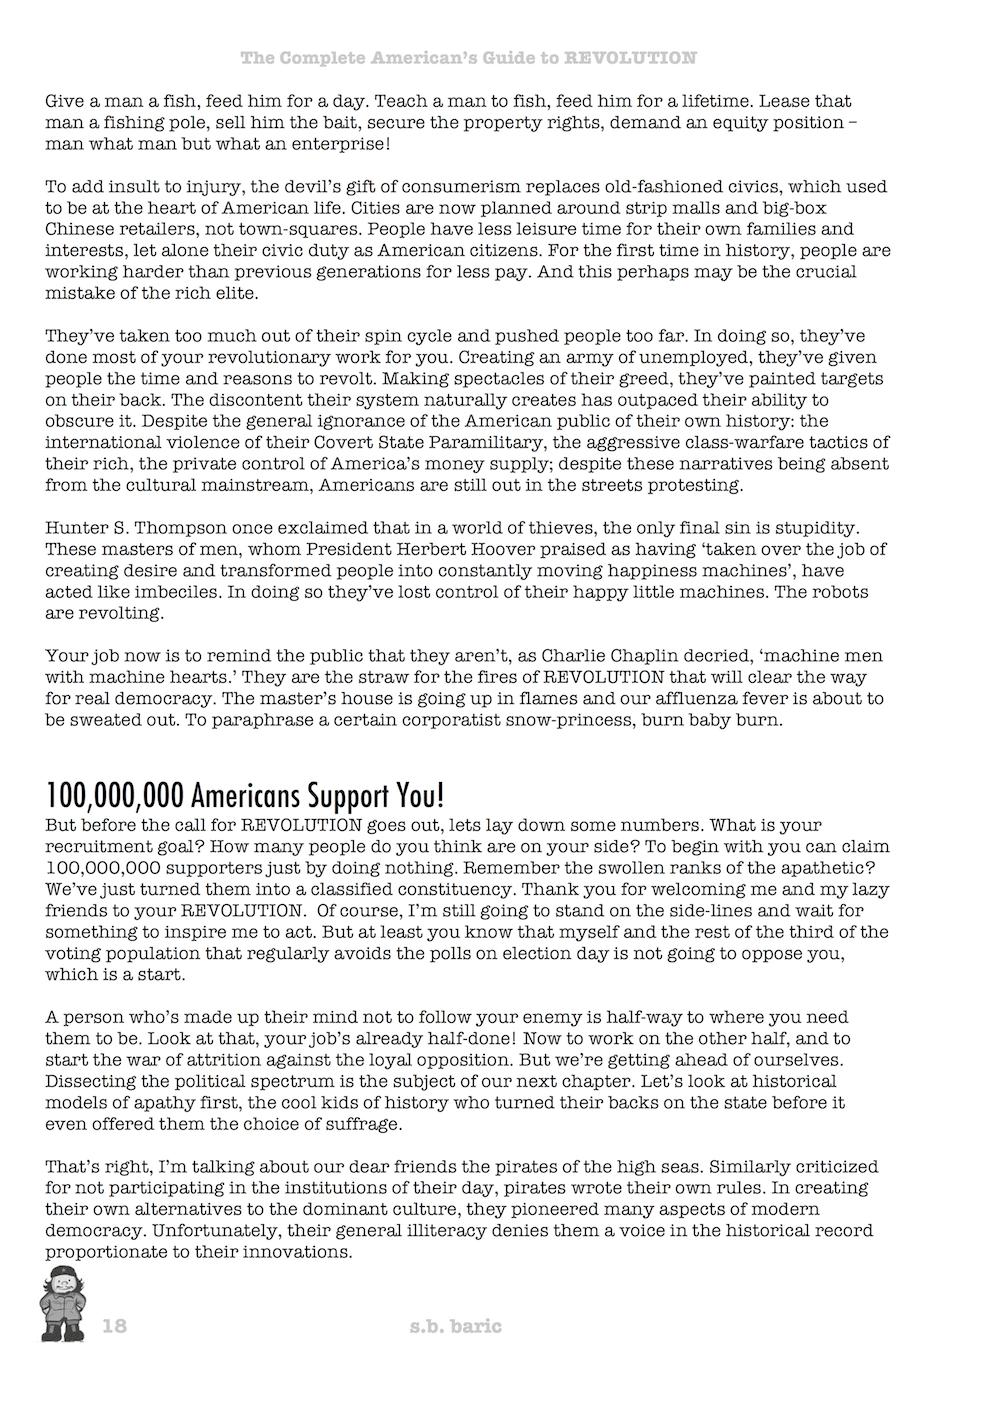 CAGR Ch 1 pg 19